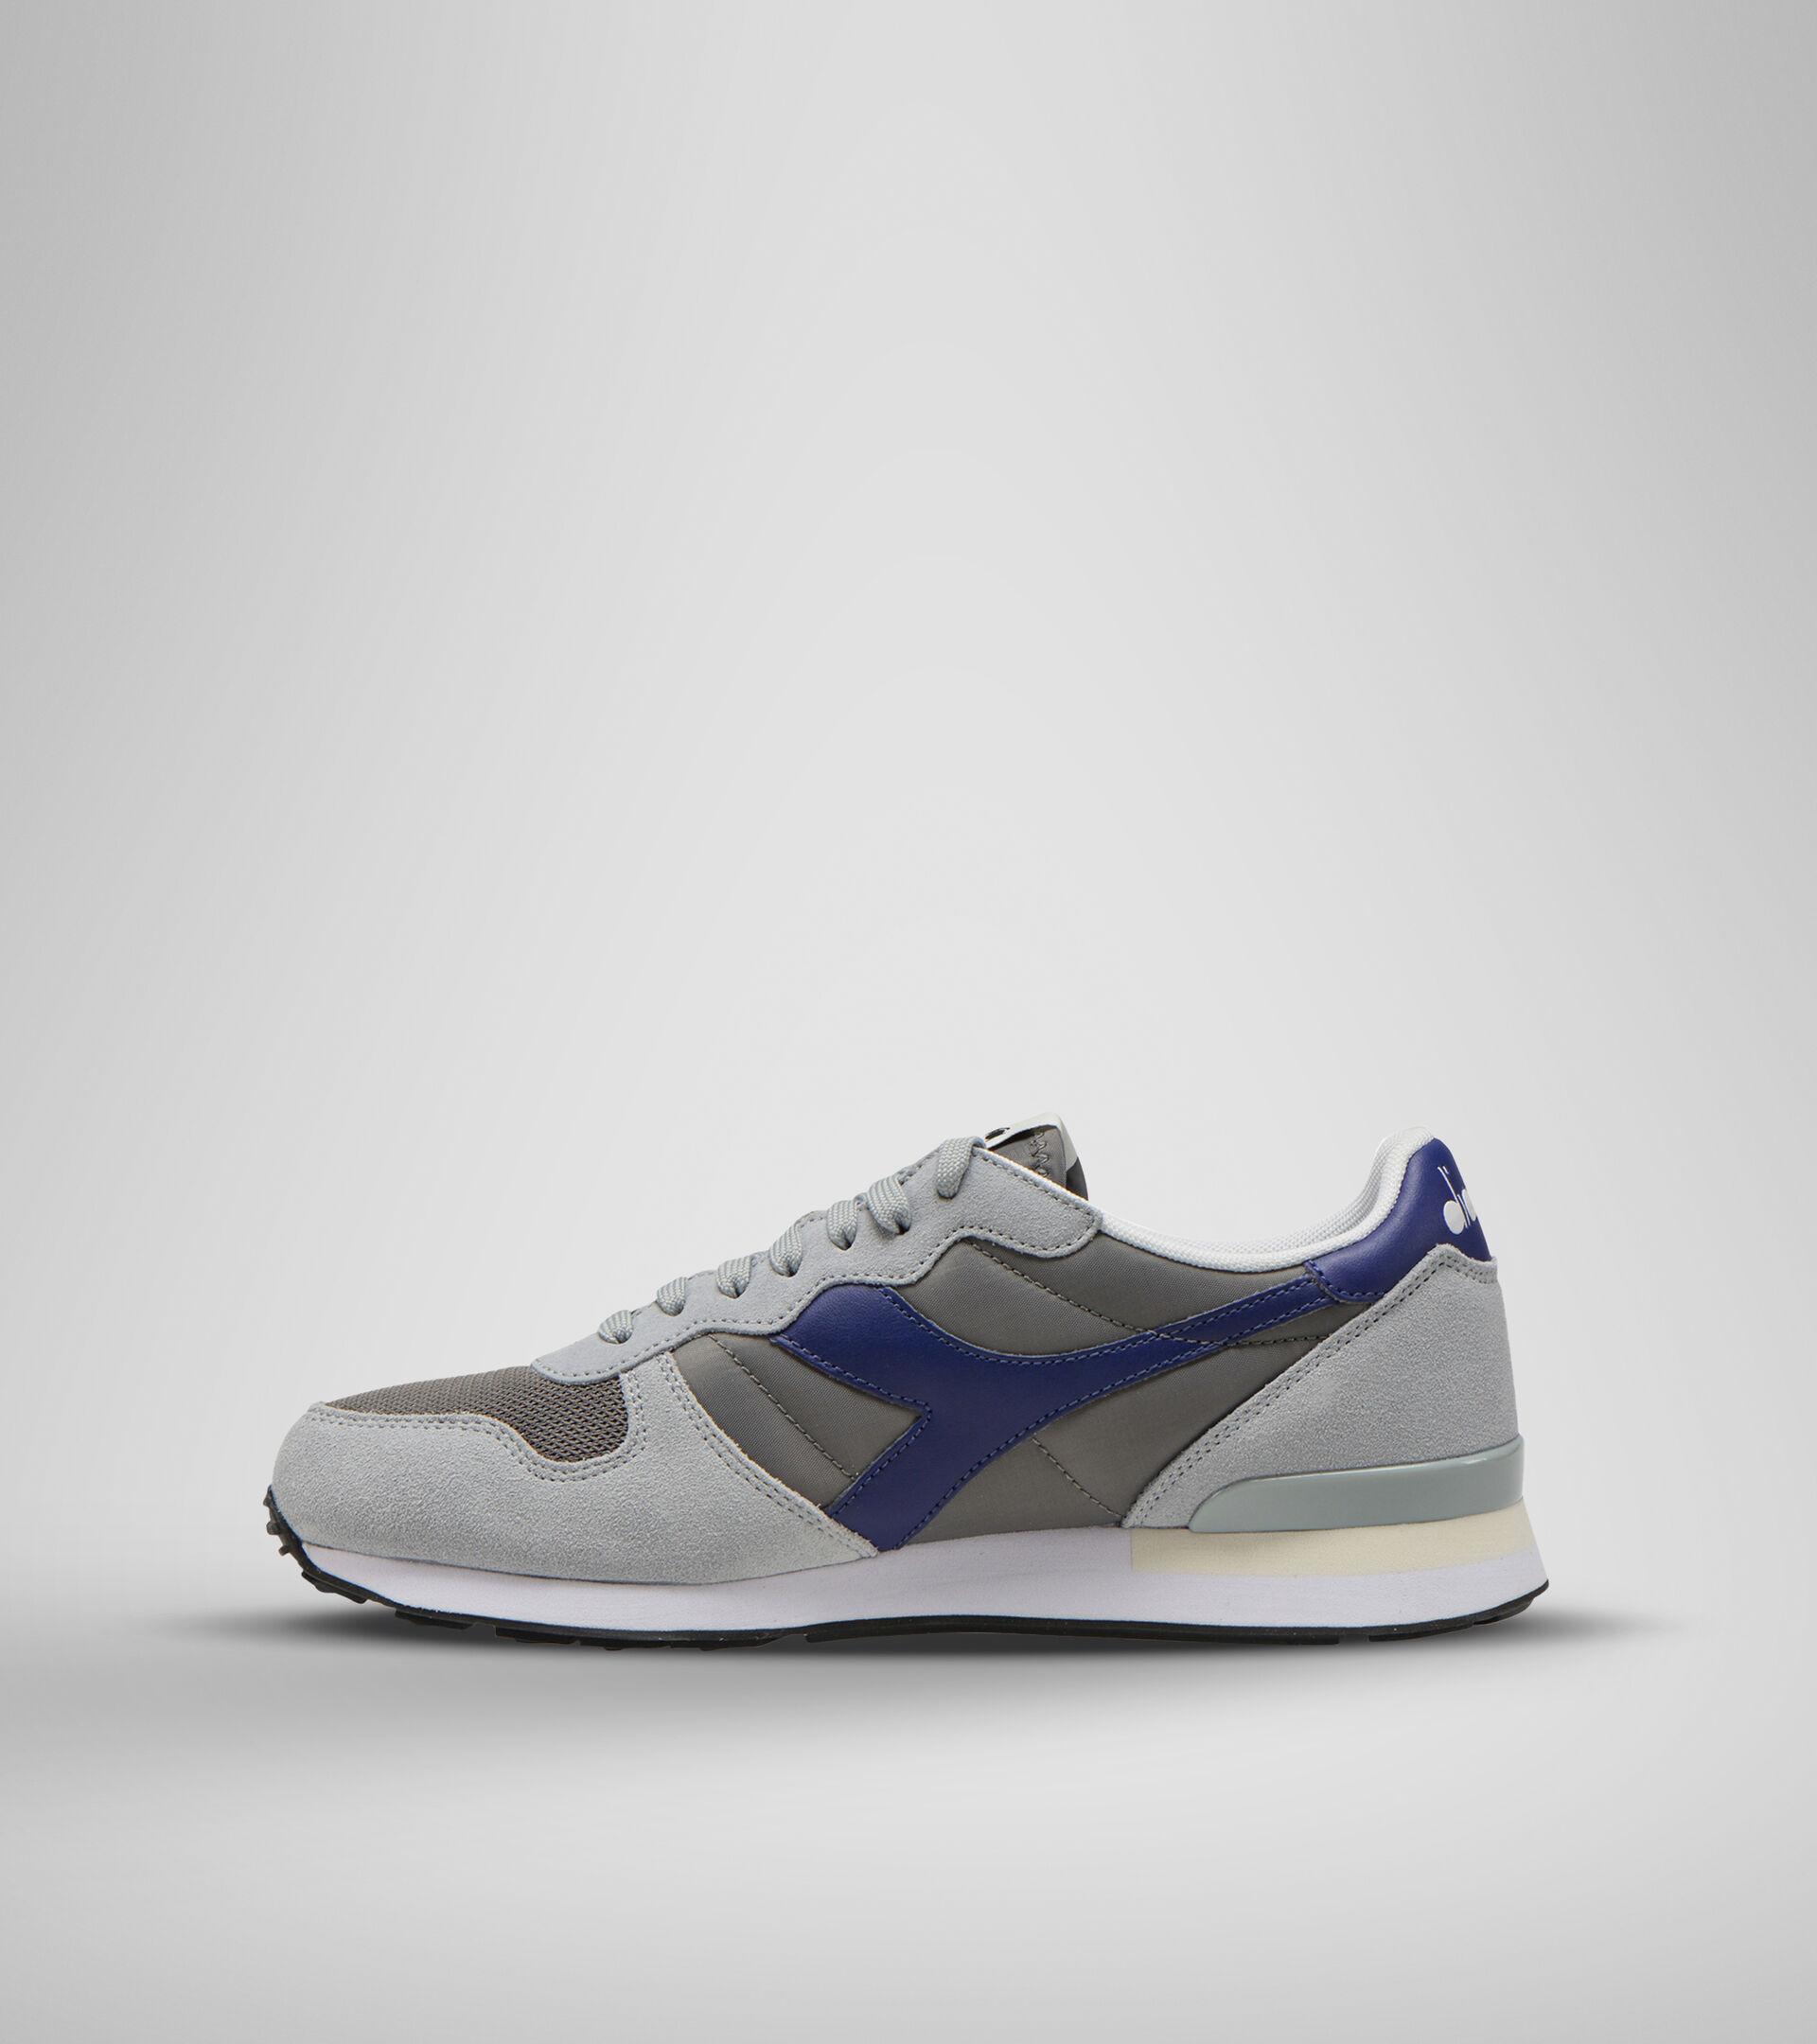 Footwear Sportswear UNISEX CAMARO HIGH-RISE/CHARCOAL GRY/BLUEPRI Diadora